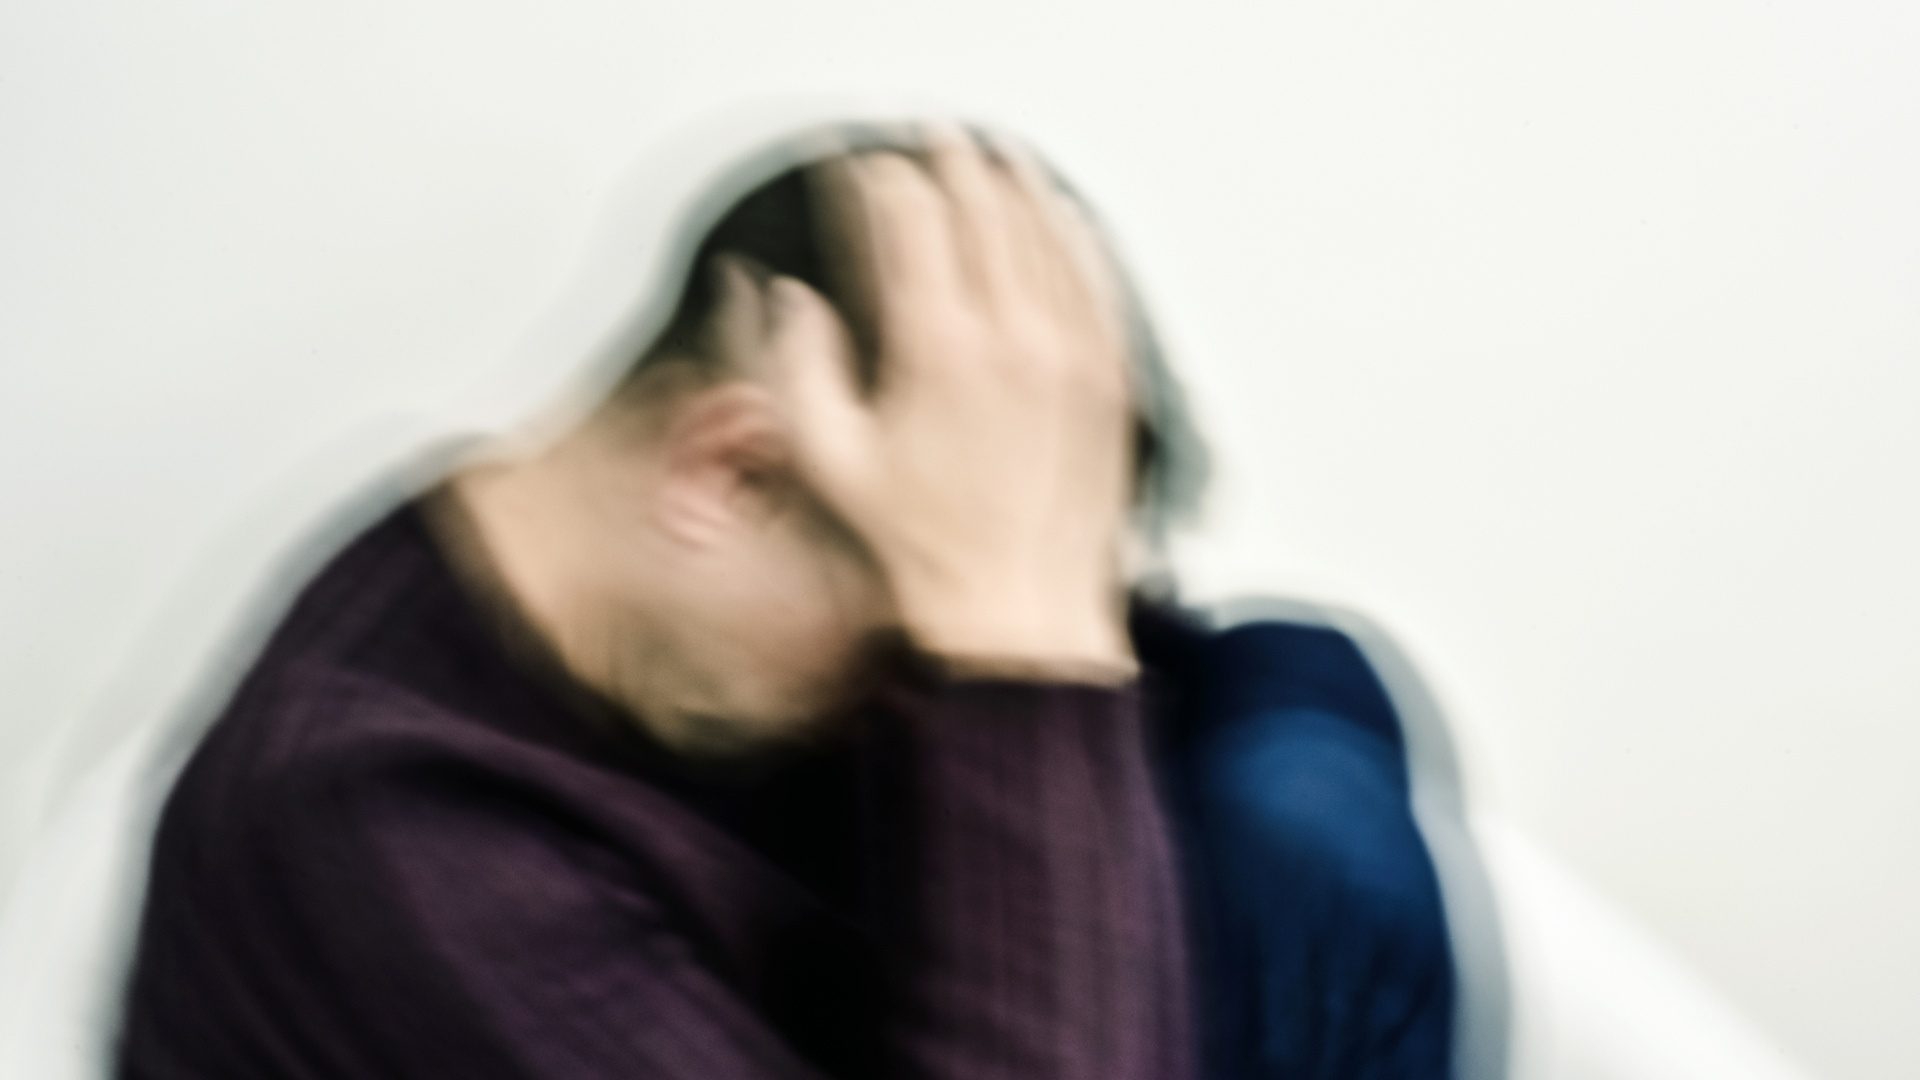 Sentencia reconoce incapacidad absoluta por trastorno psicótico a un vigilante de seguridad